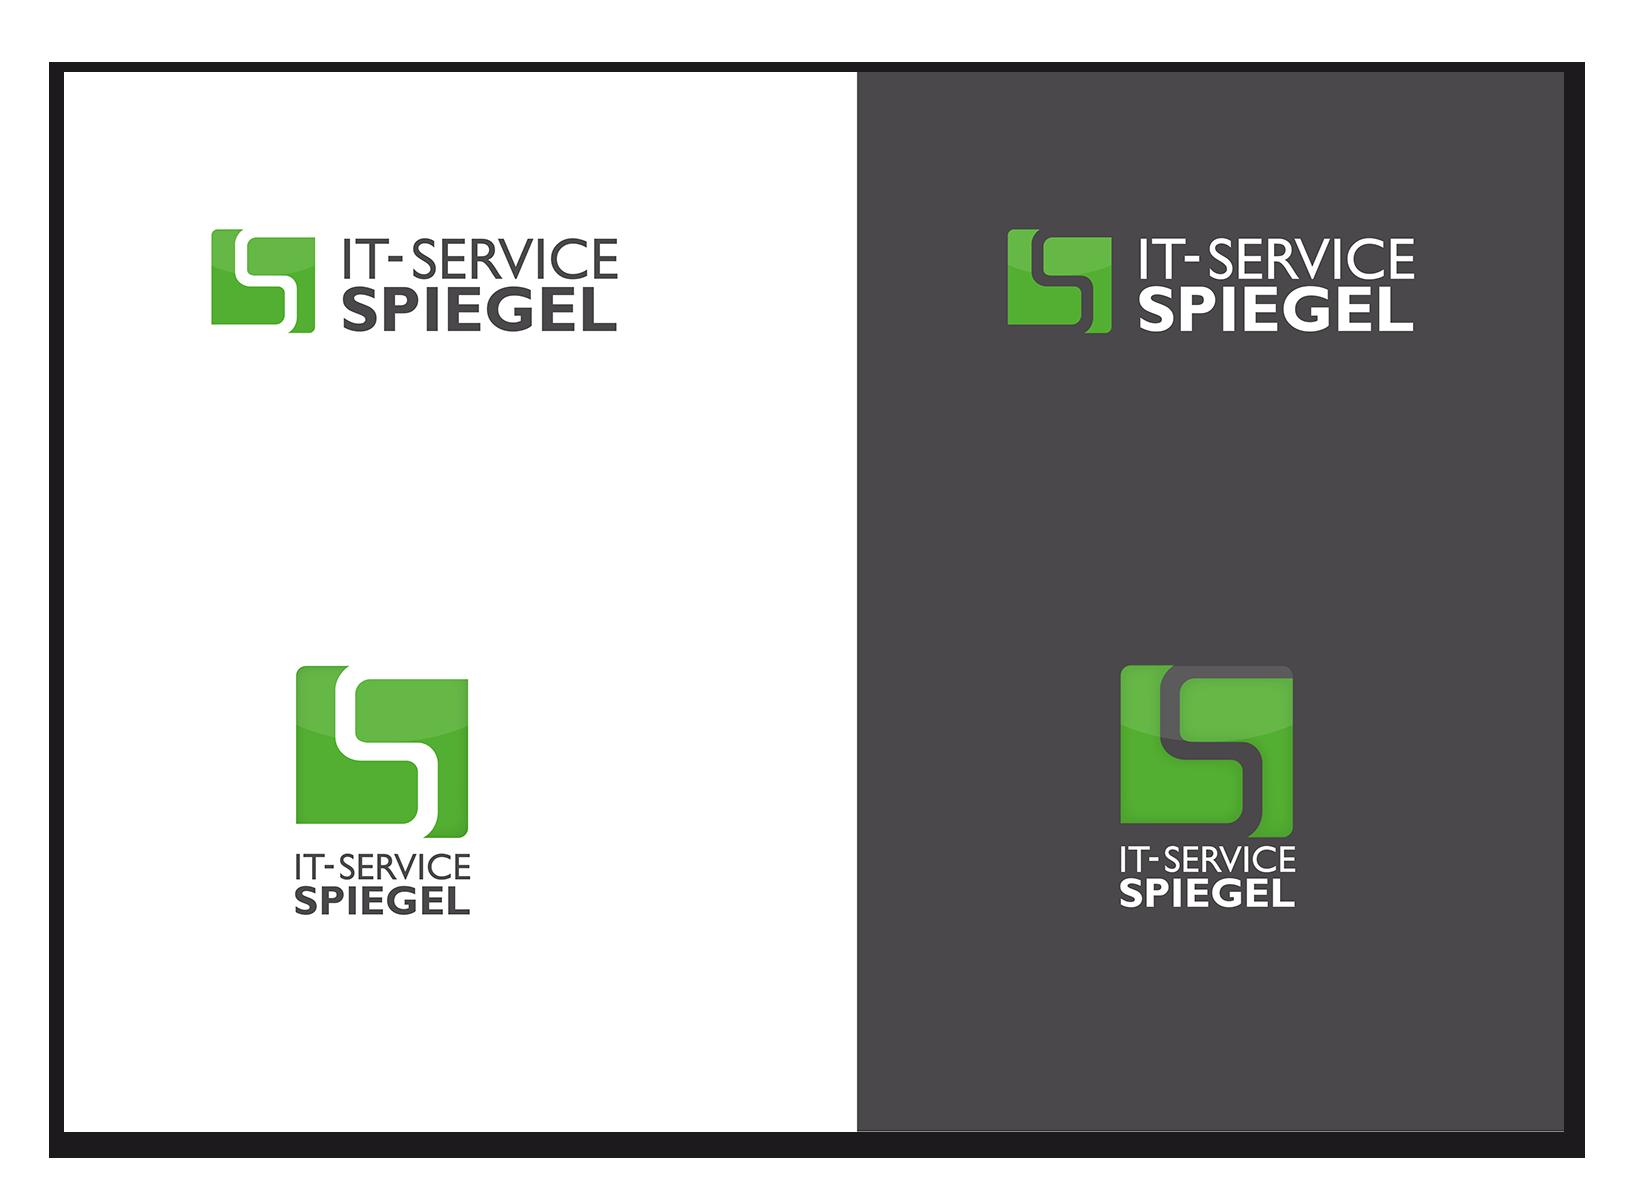 CI IT-Spiegel Logos